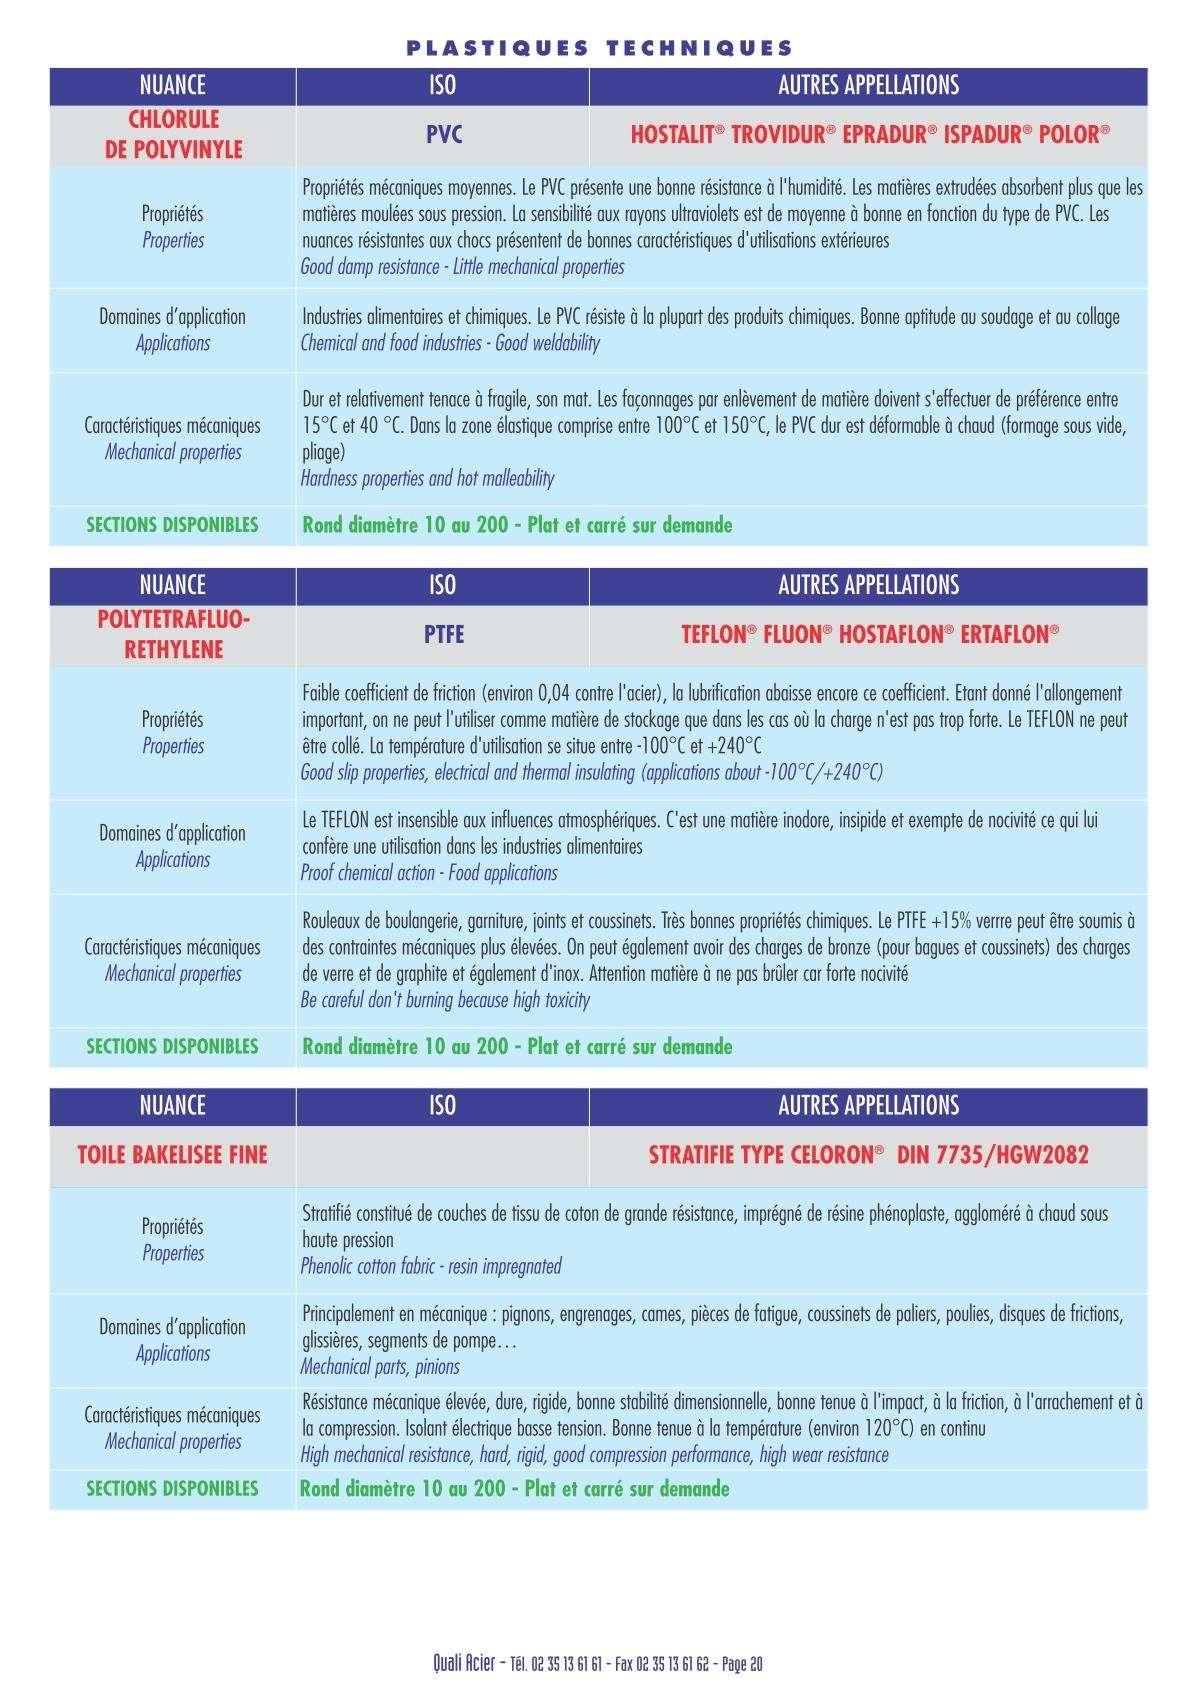 Les plastiques techniques (choix, propiétés, usinages, ... ) Uw42010